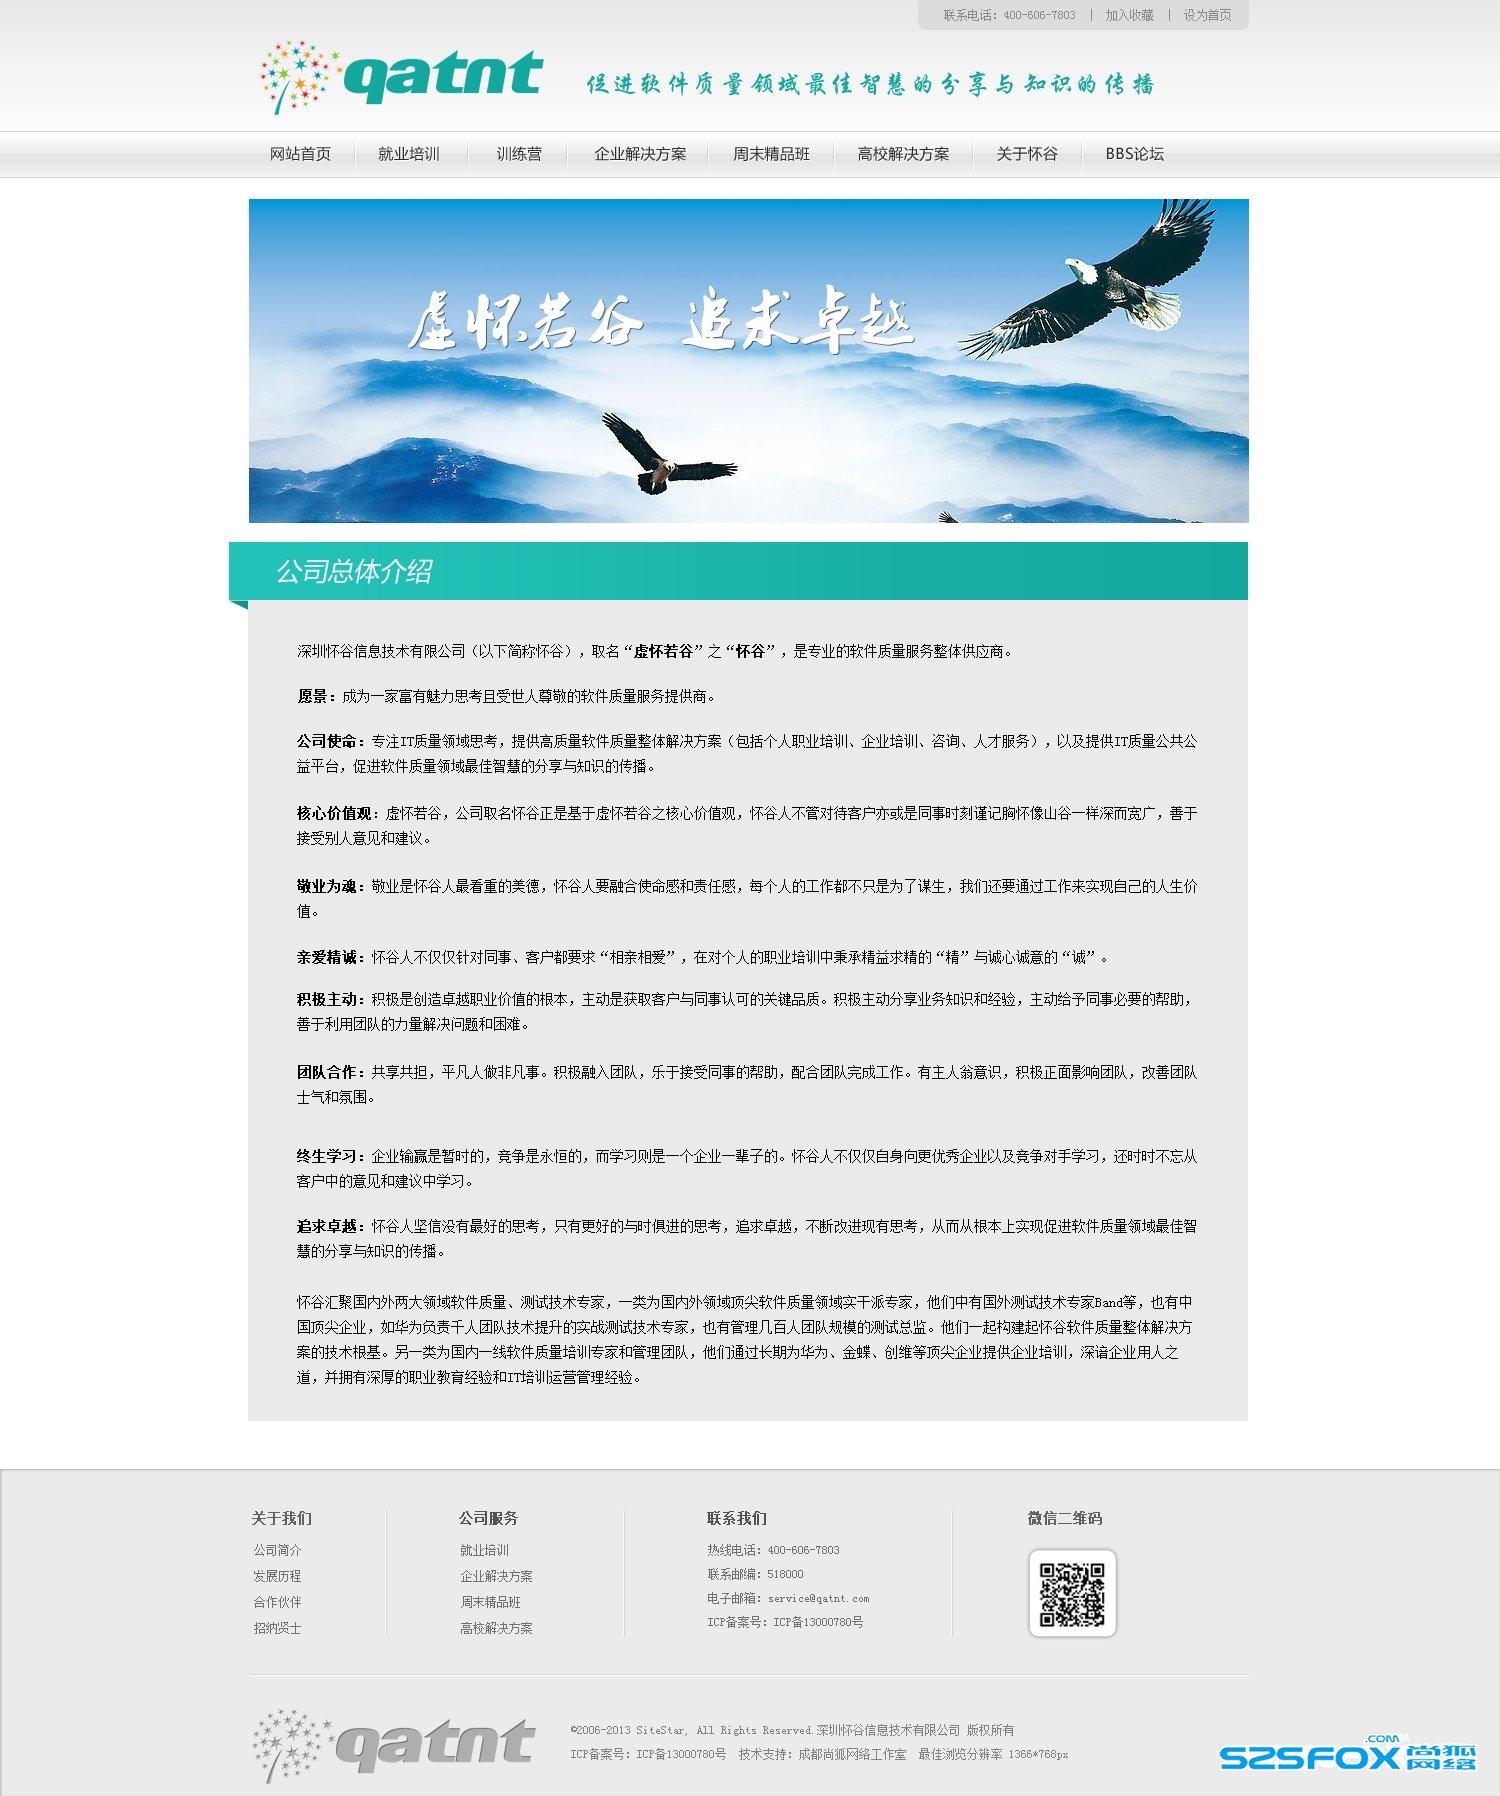 深圳怀谷信息技术有限公司官网